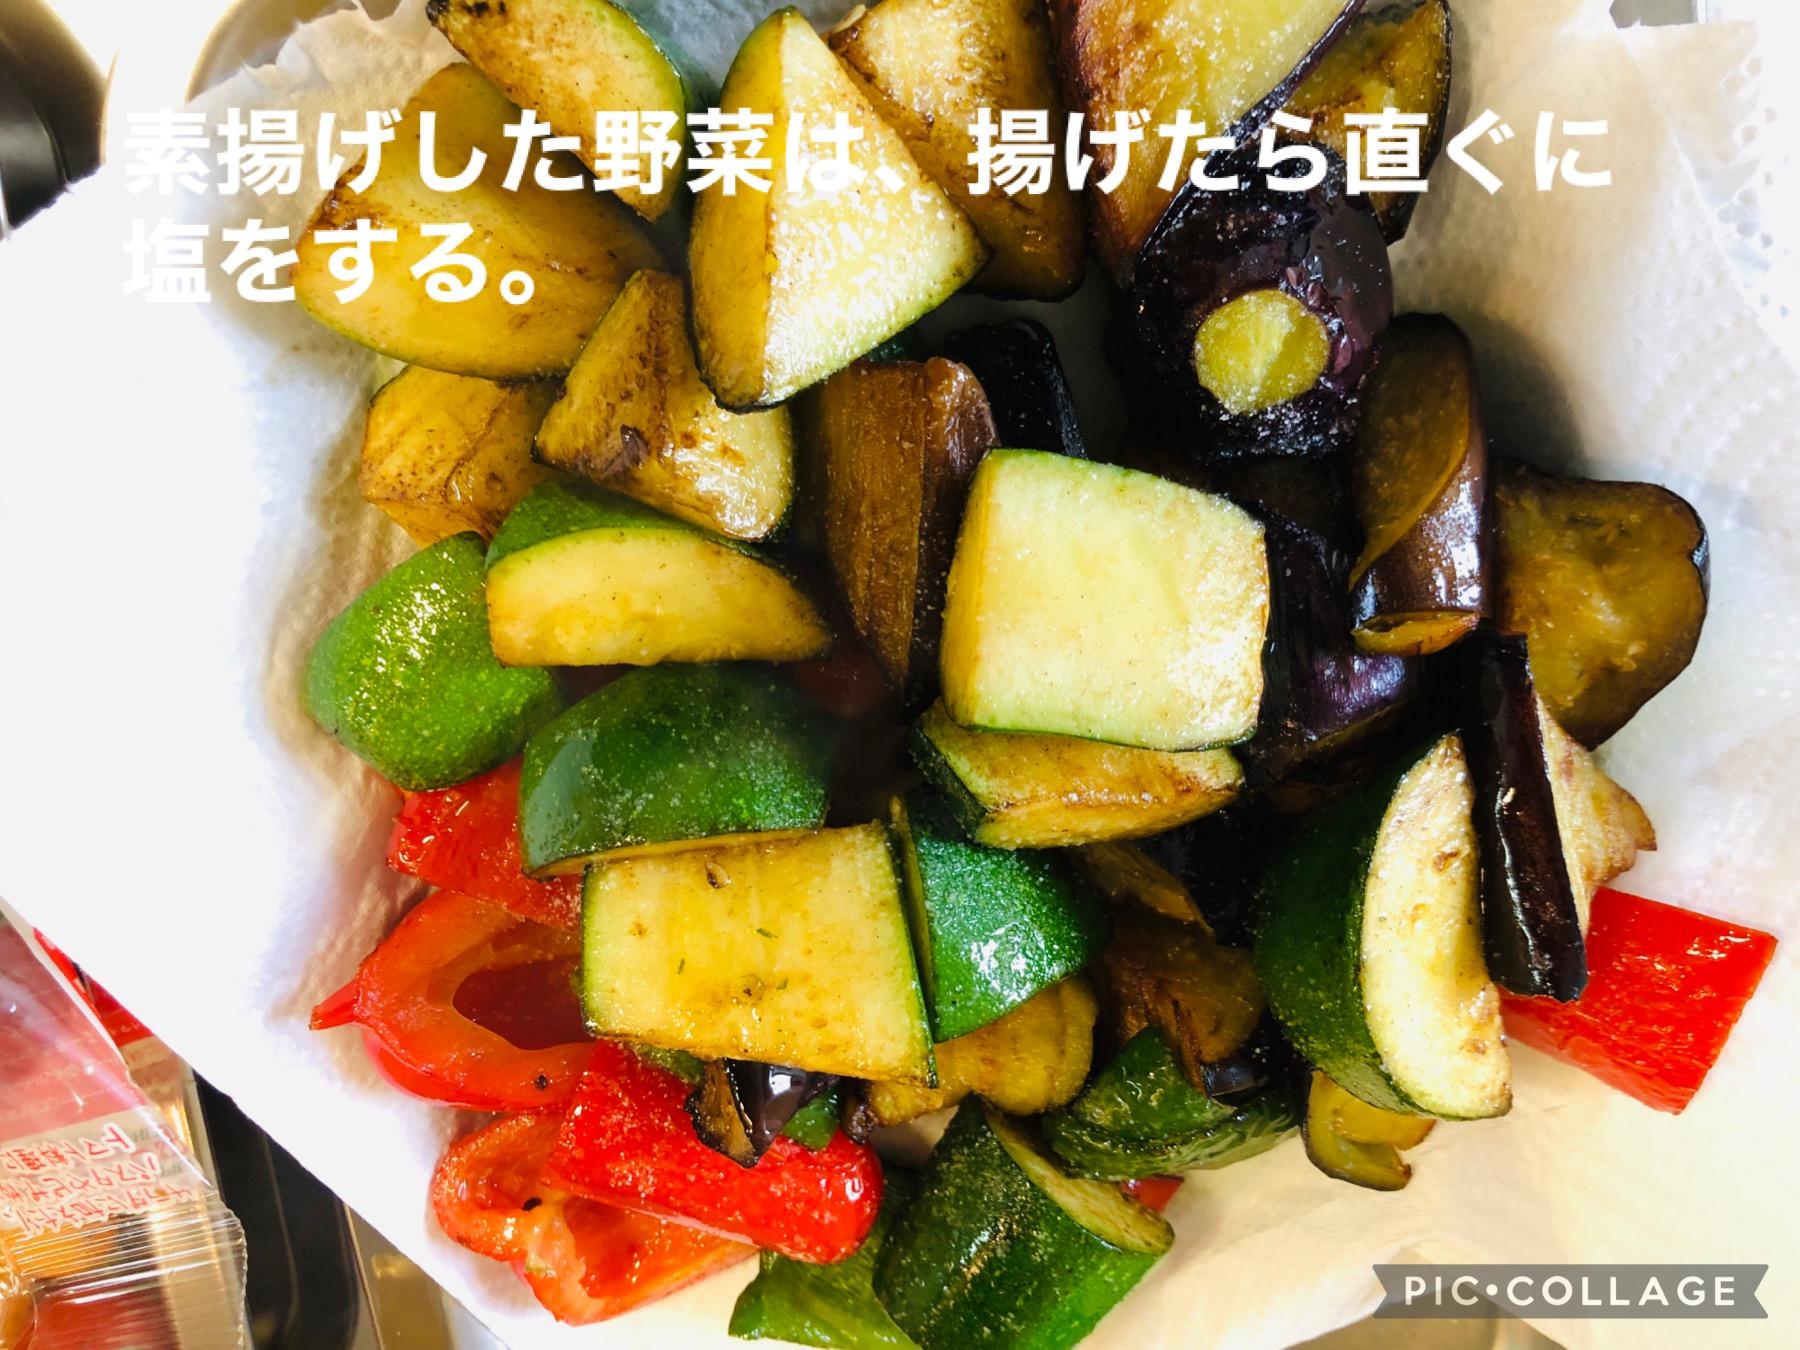 素揚げした野菜をキッチンペーパーの上に広げている画像です